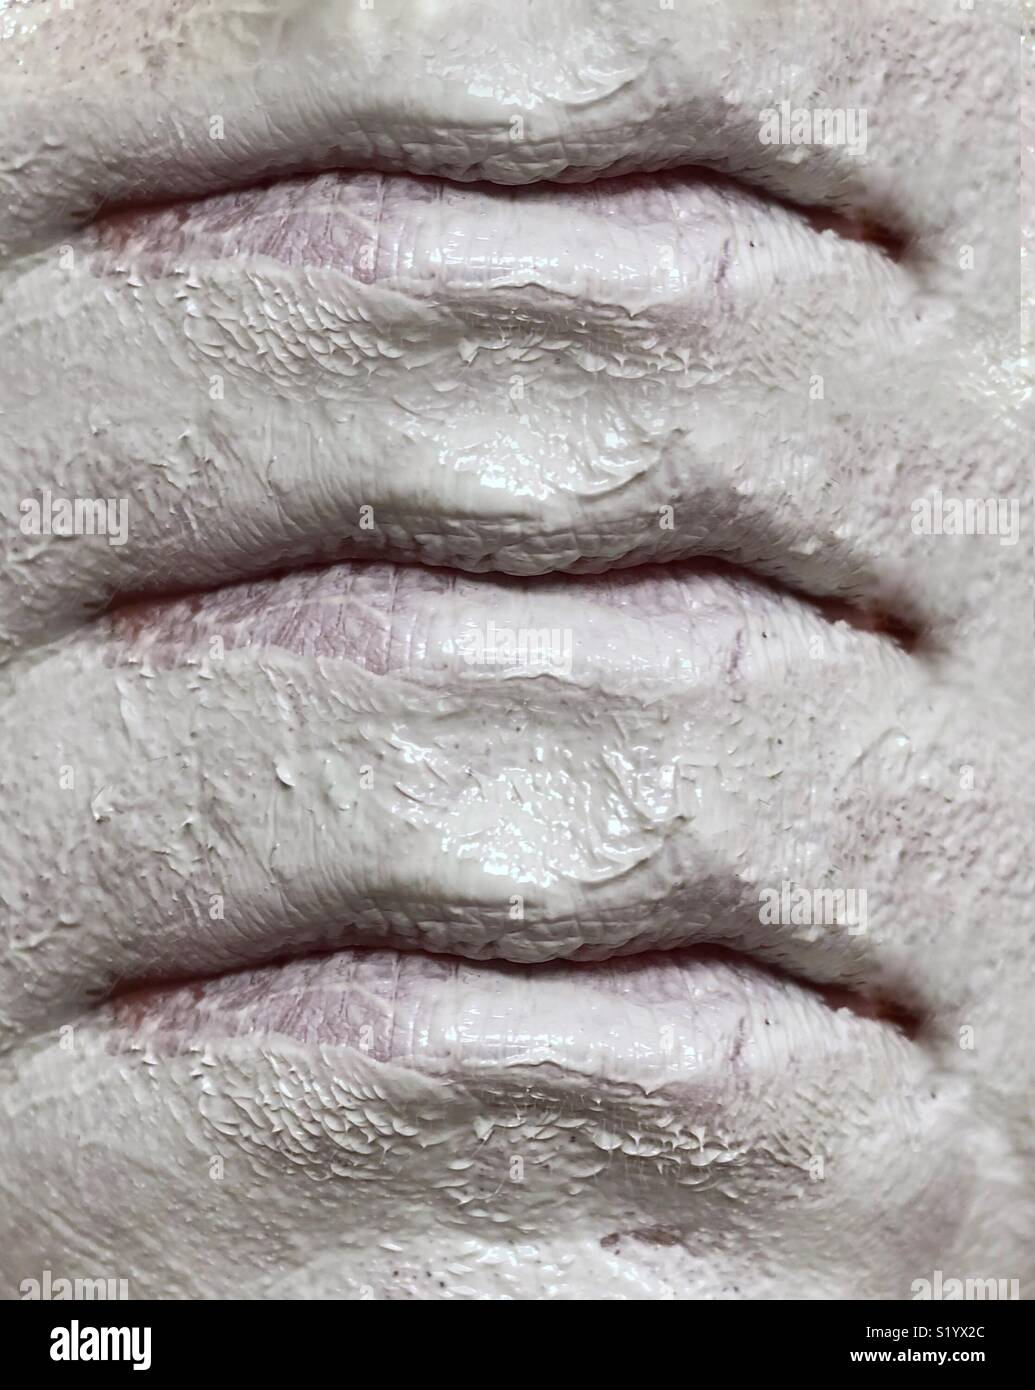 Una imagen abstracta de tres conjuntos de labios, en un rostro usando una máscara de barro de arcilla blanca Imagen De Stock